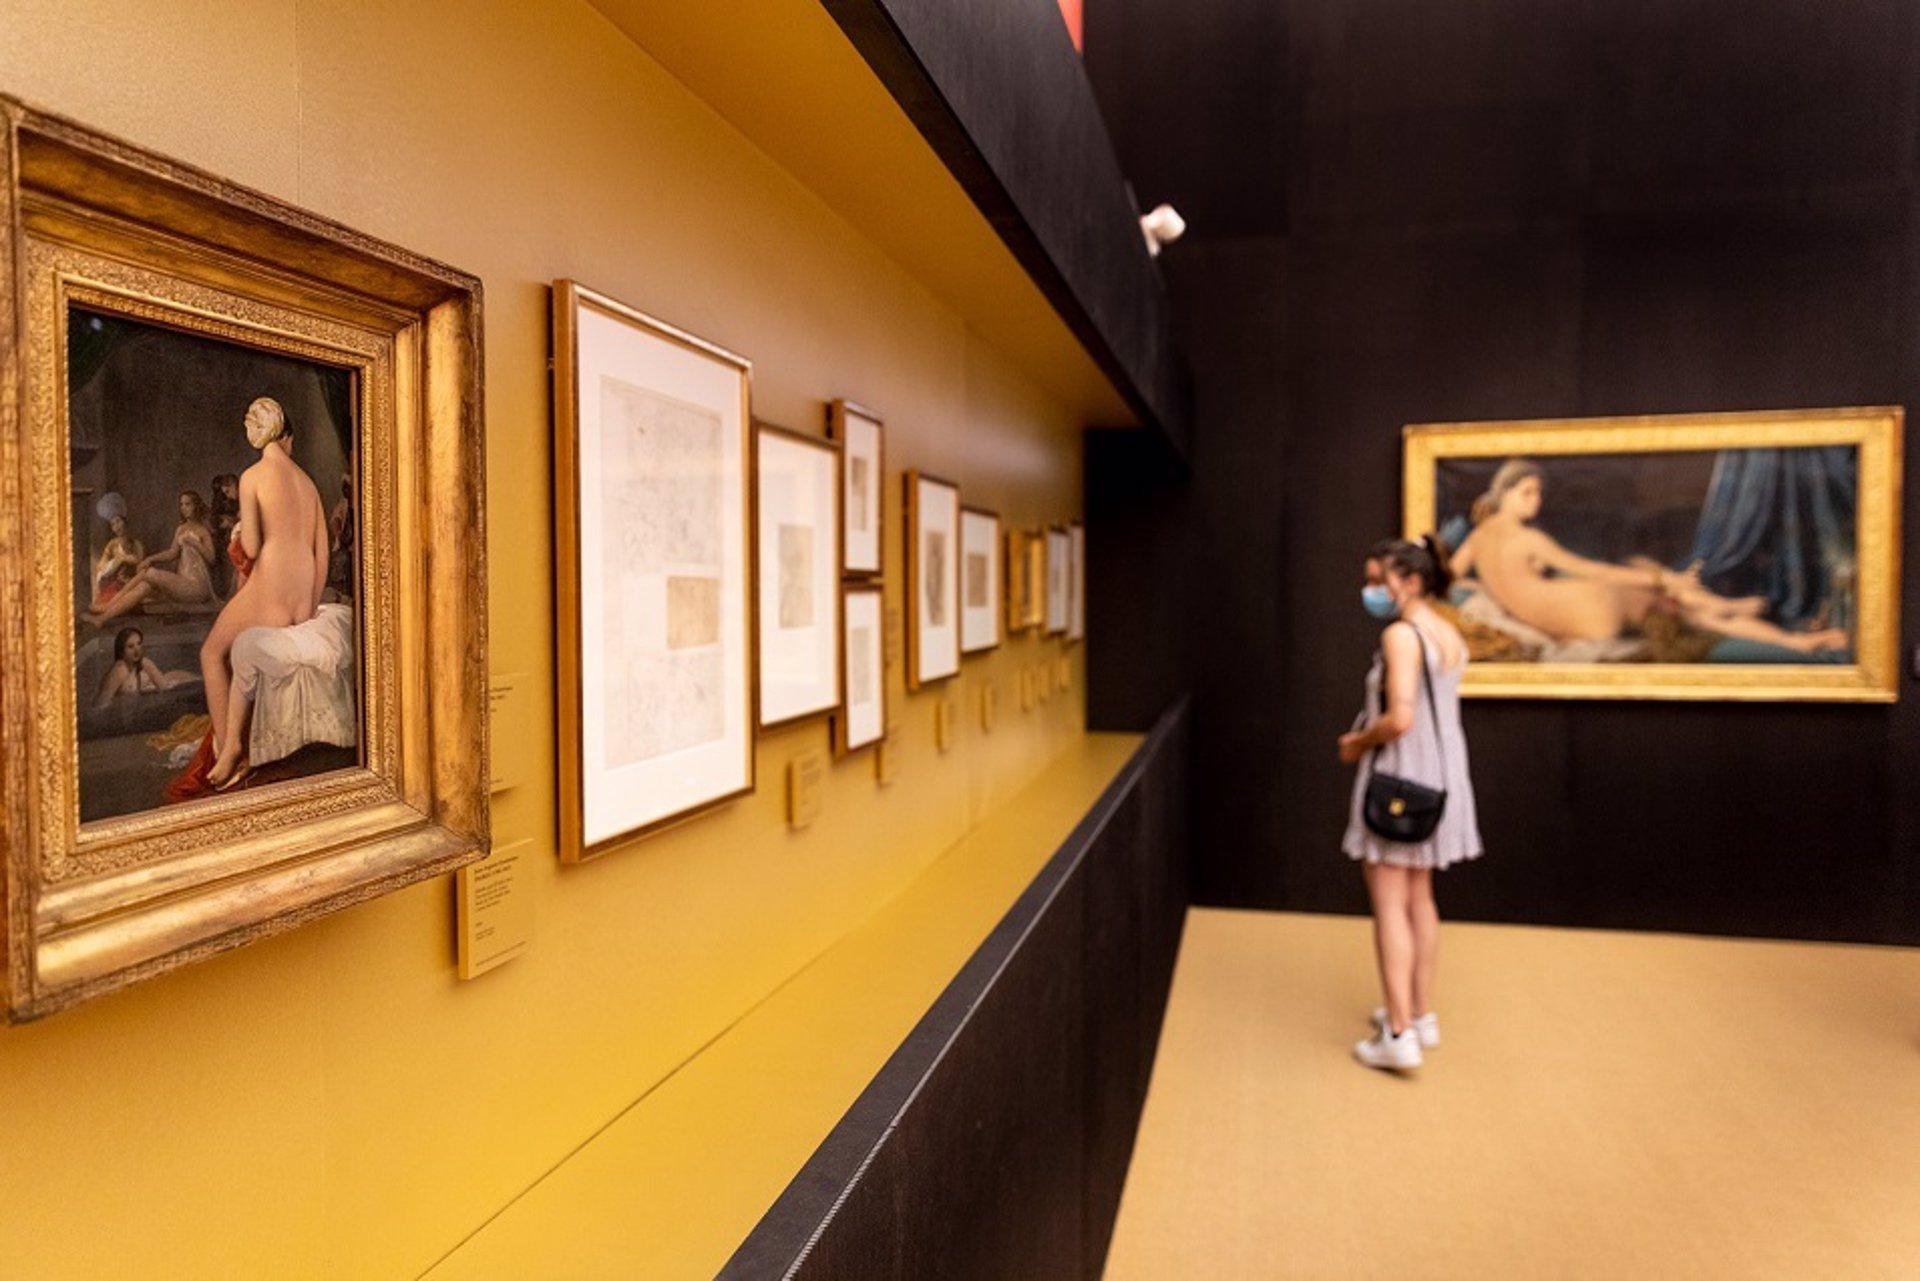 Un seminario internacional aborda en la Alhambra la figura de la odalisca en el arte